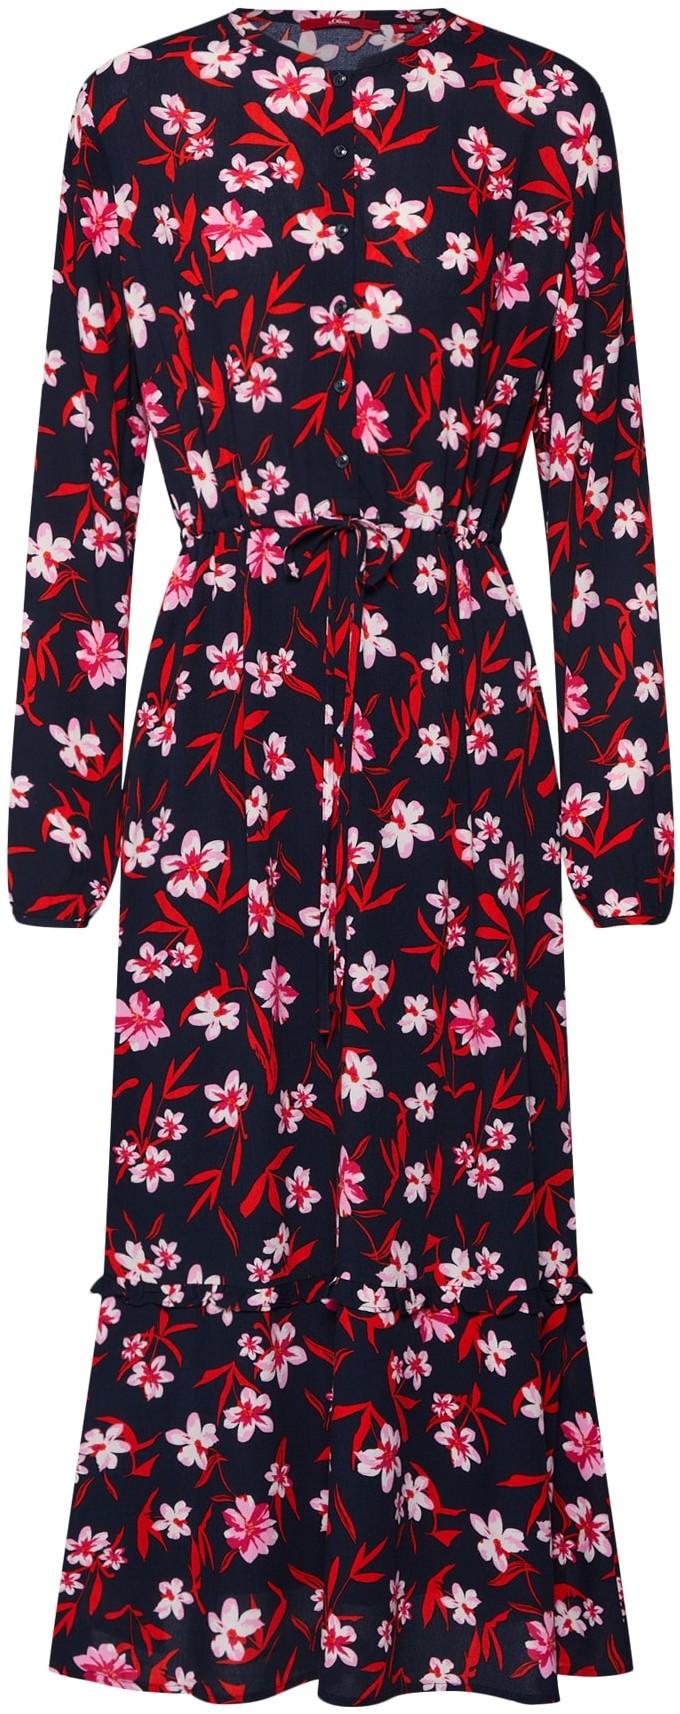 s.Oliver RED LABEL Sukienka koszulowa Granatowy / Mieszane Kolory